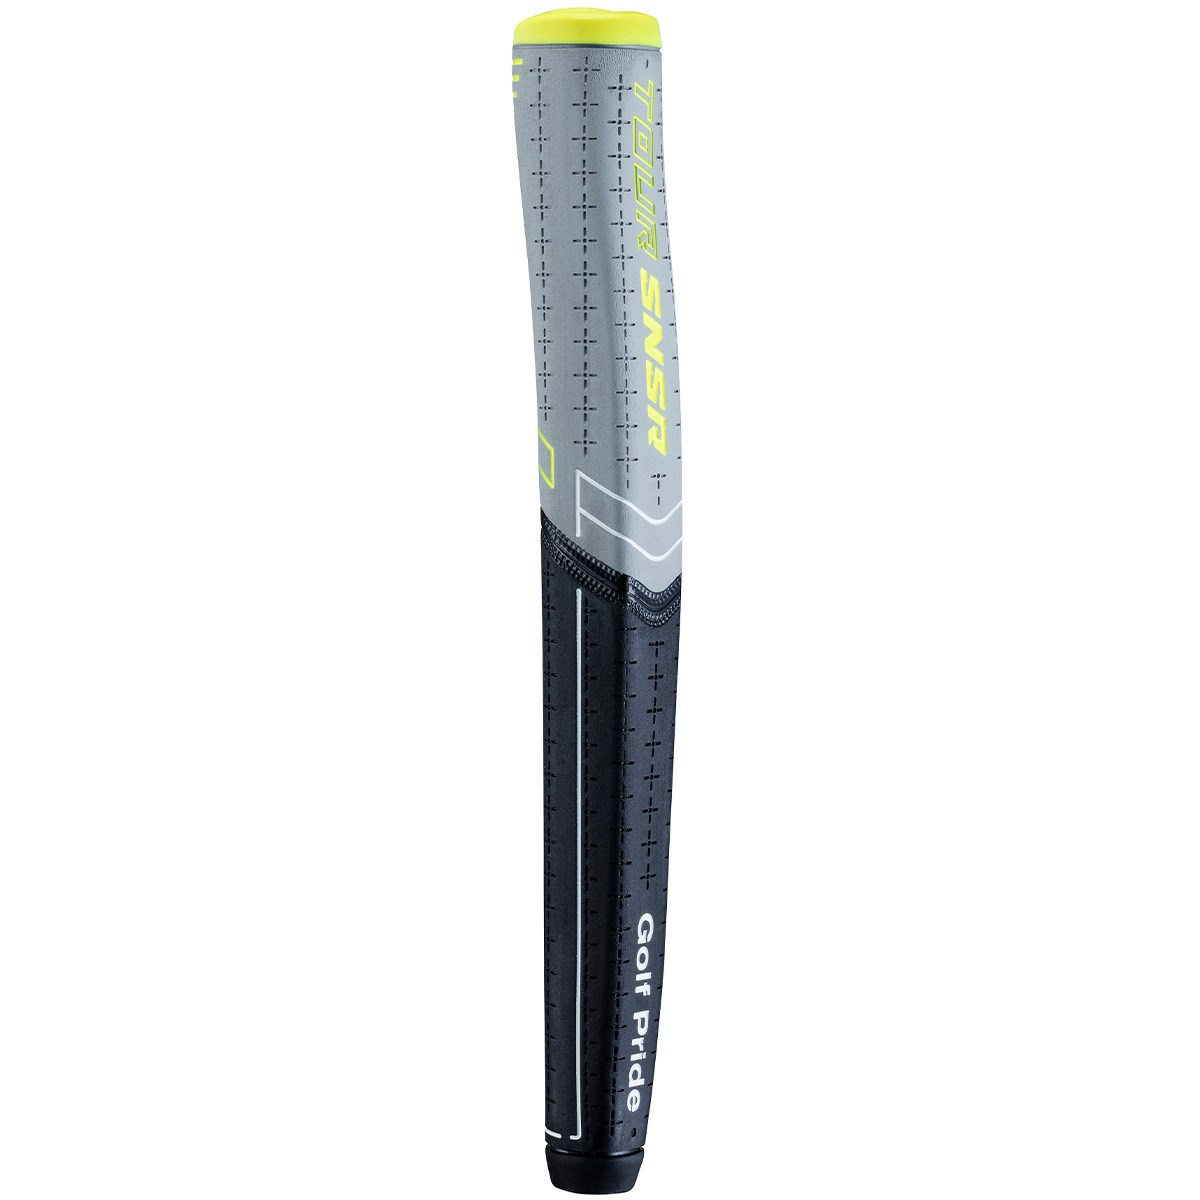 ゴルフプライド ツアーセンサー コンツアープロ 104 グリップ パター用